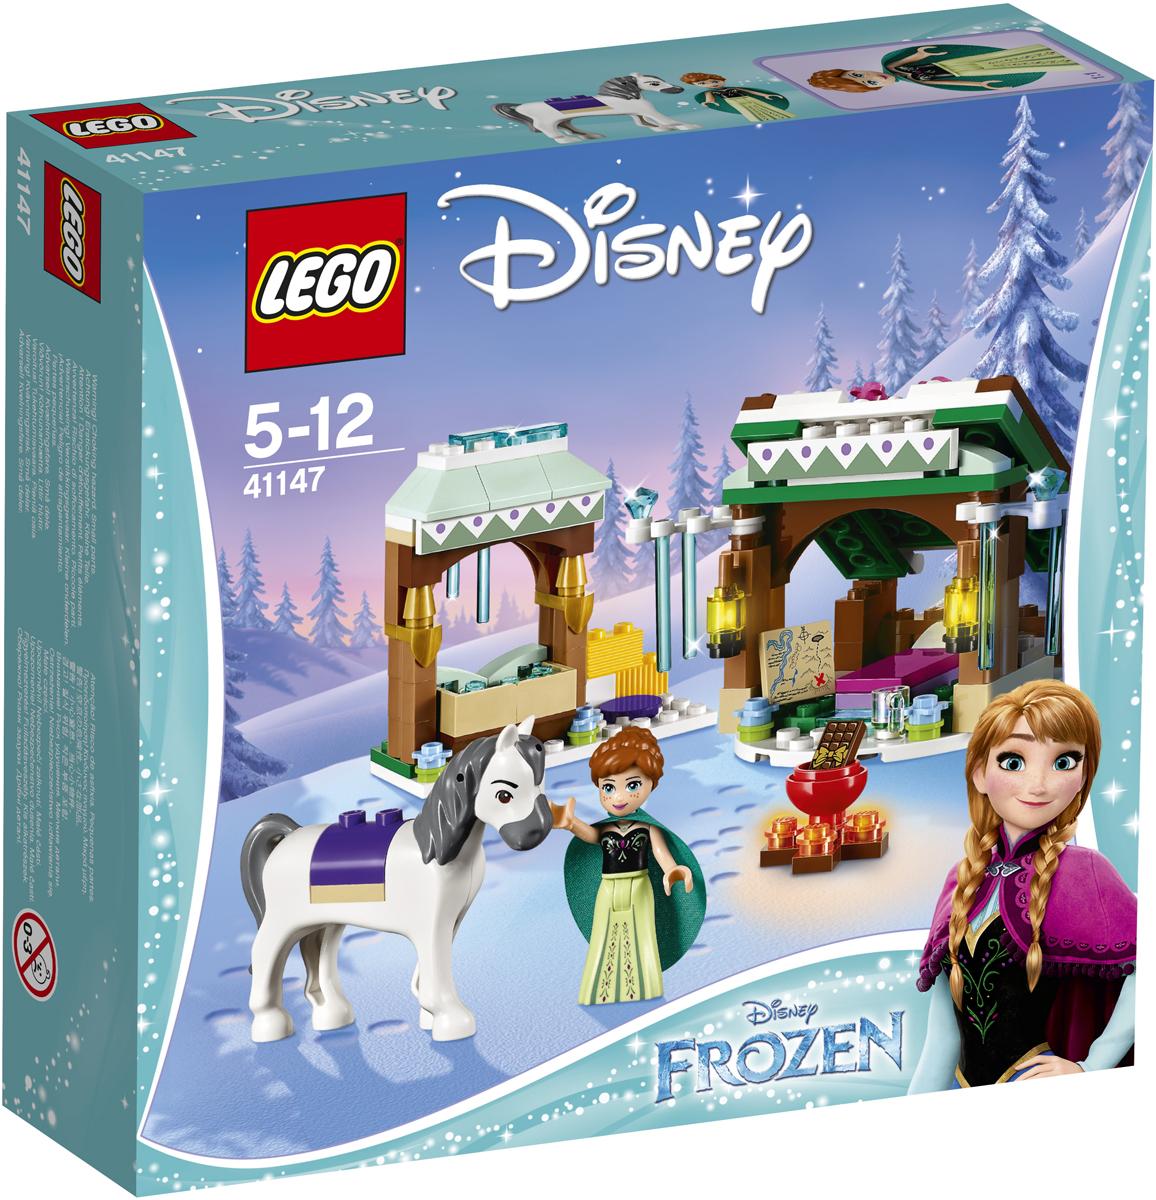 LEGO Disney Princess Конструктор Зимние приключения Анны 41147 конструктор lego disney princess 41147 зимние приключения анны